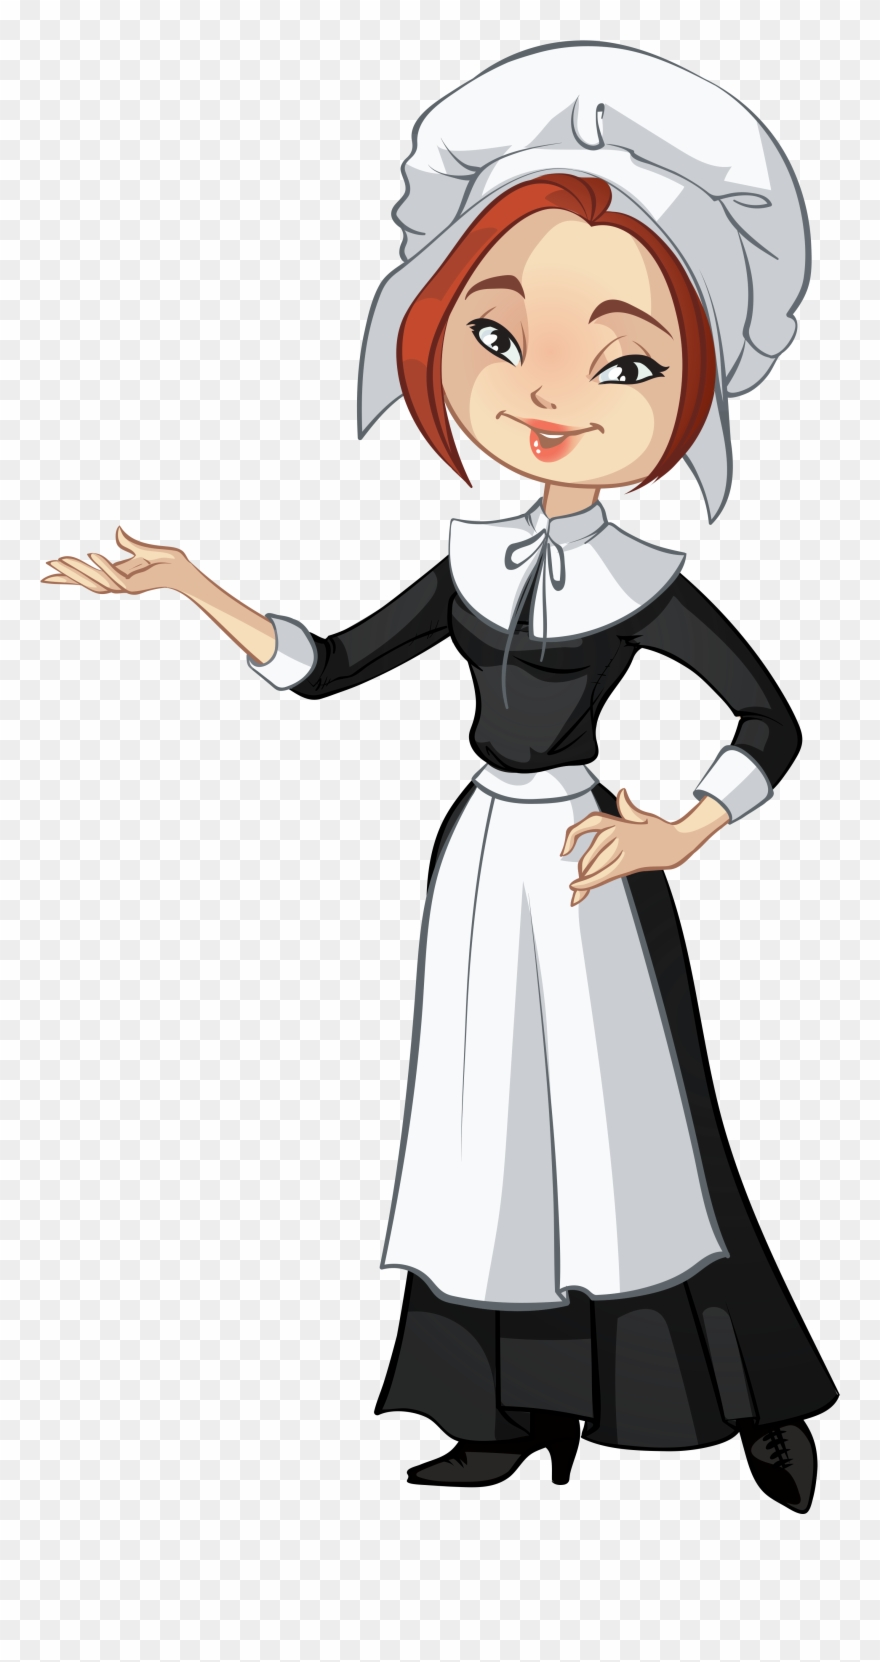 Pilgrim clipart cartoon. Female png transparent